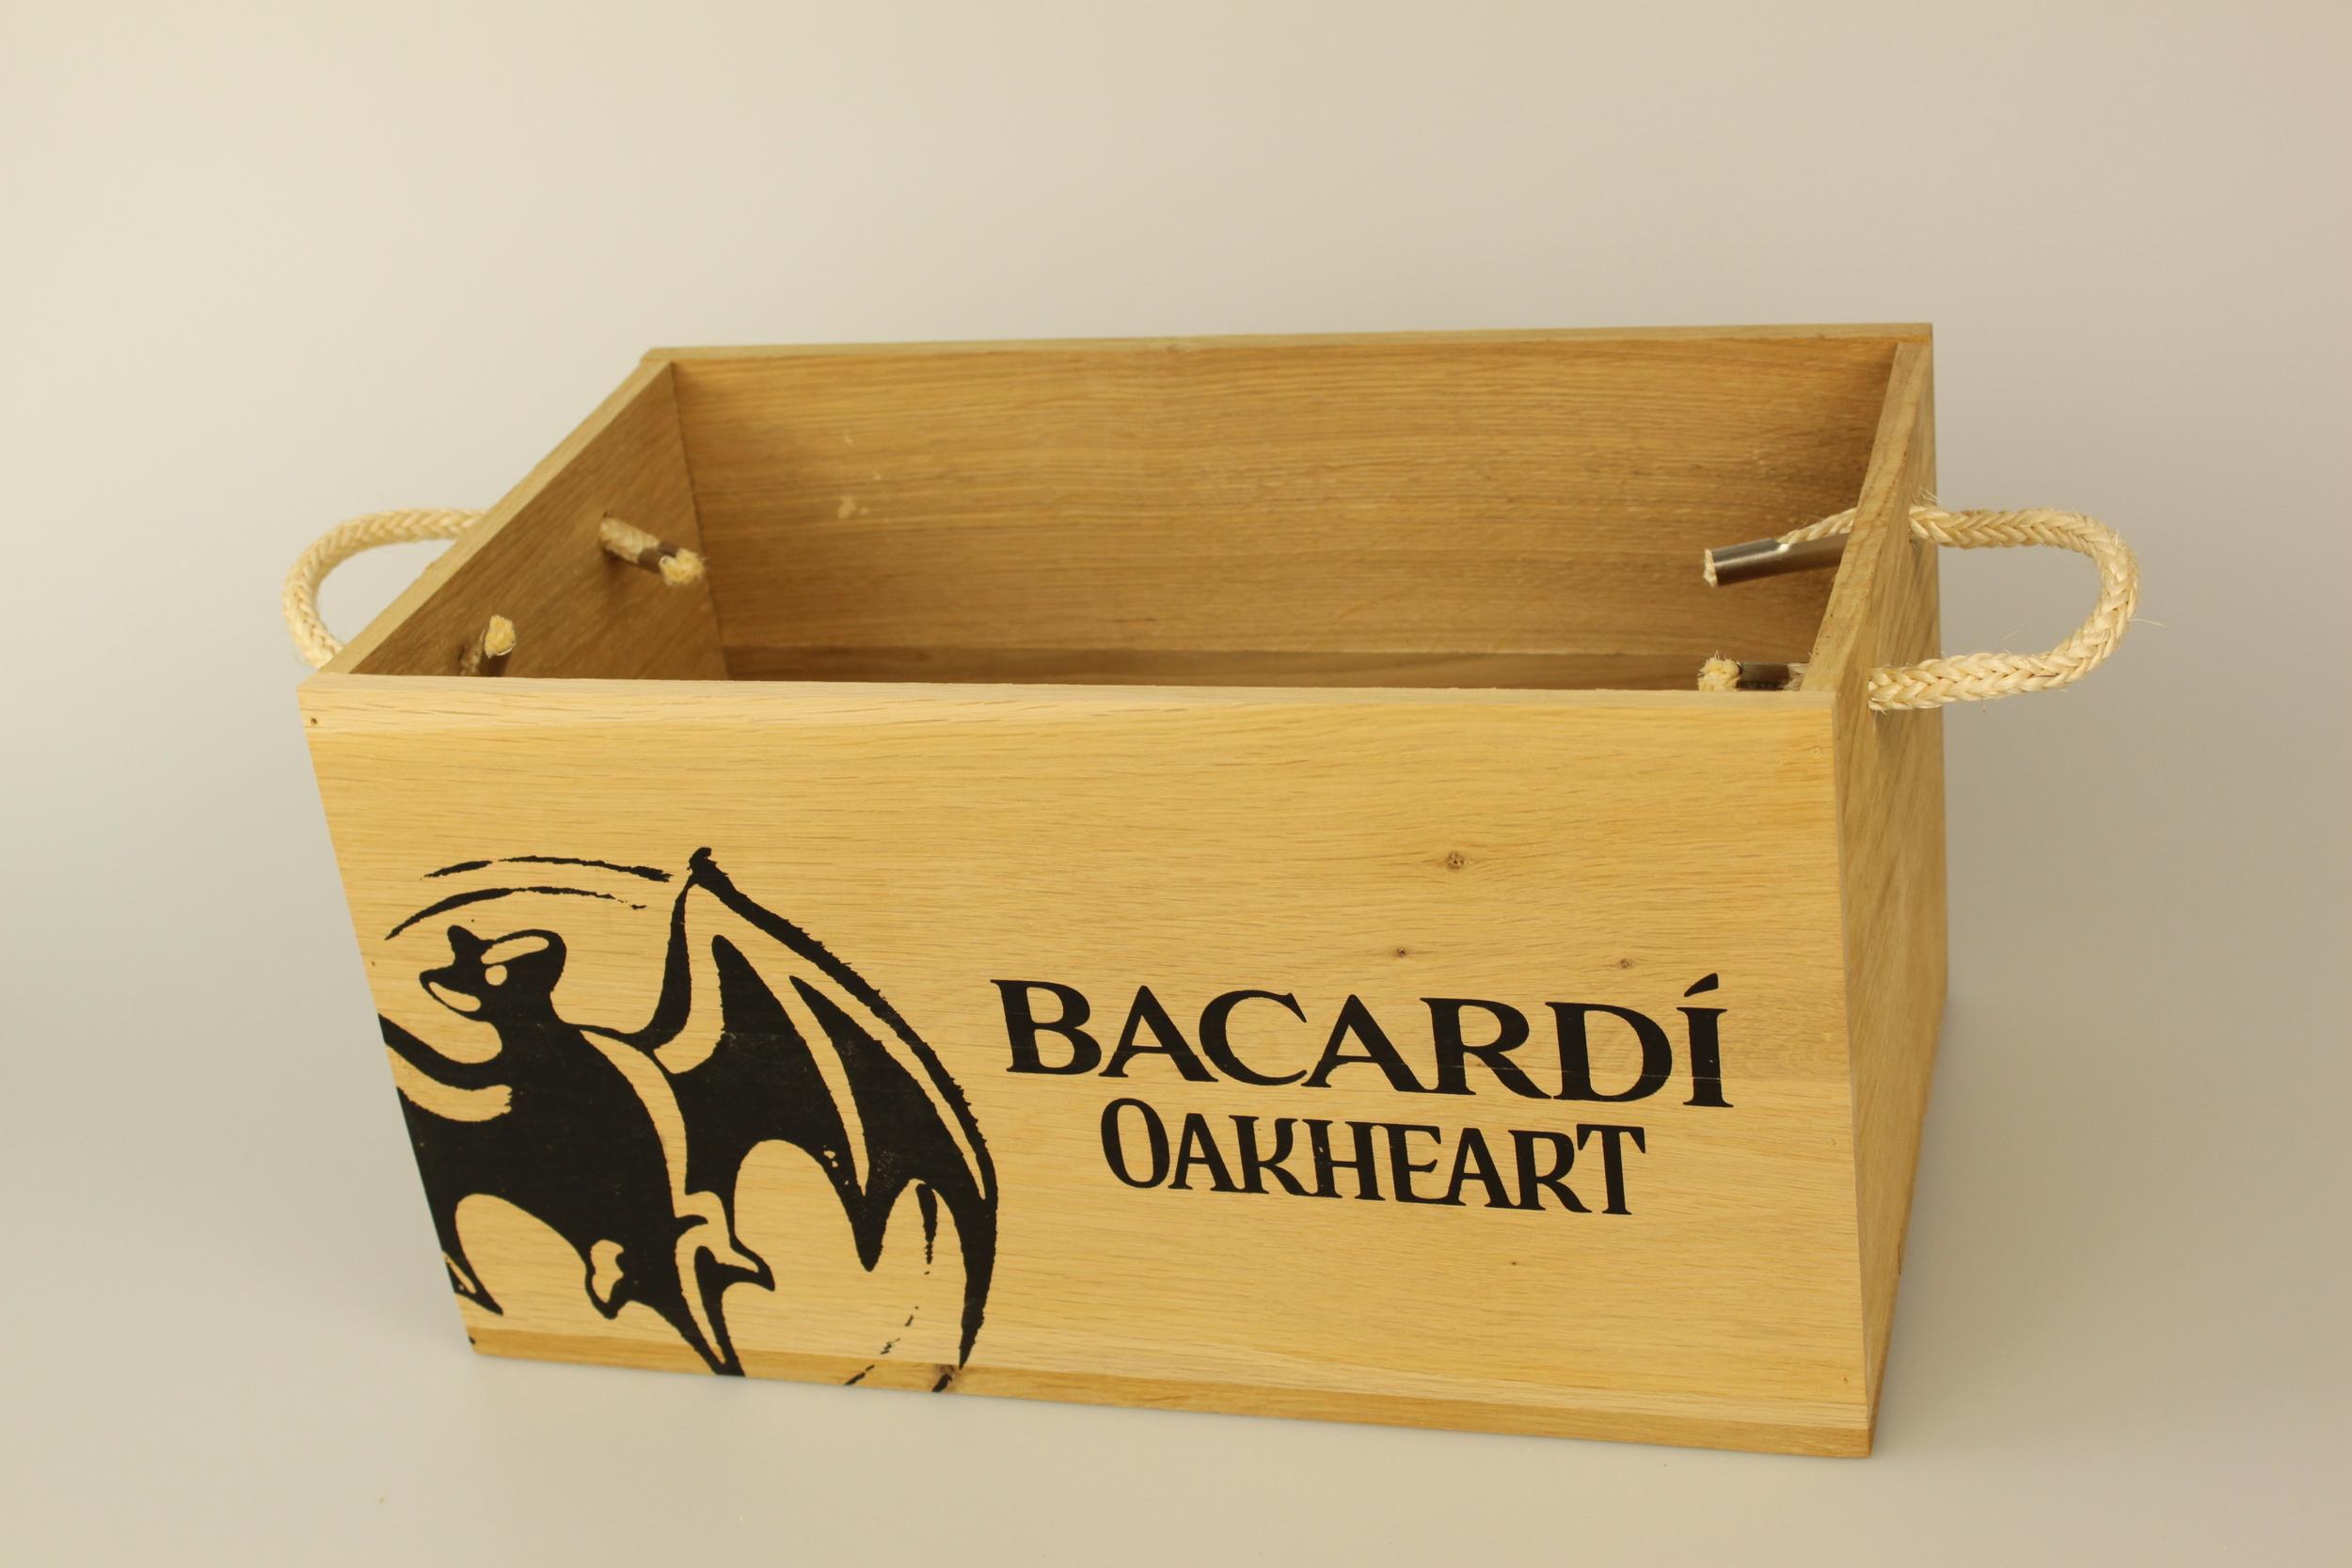 Holzkiste für Getränke aus Eiche, genagelt, mit Siebdruck und Tragekordeln. Offen ohne Deckel.